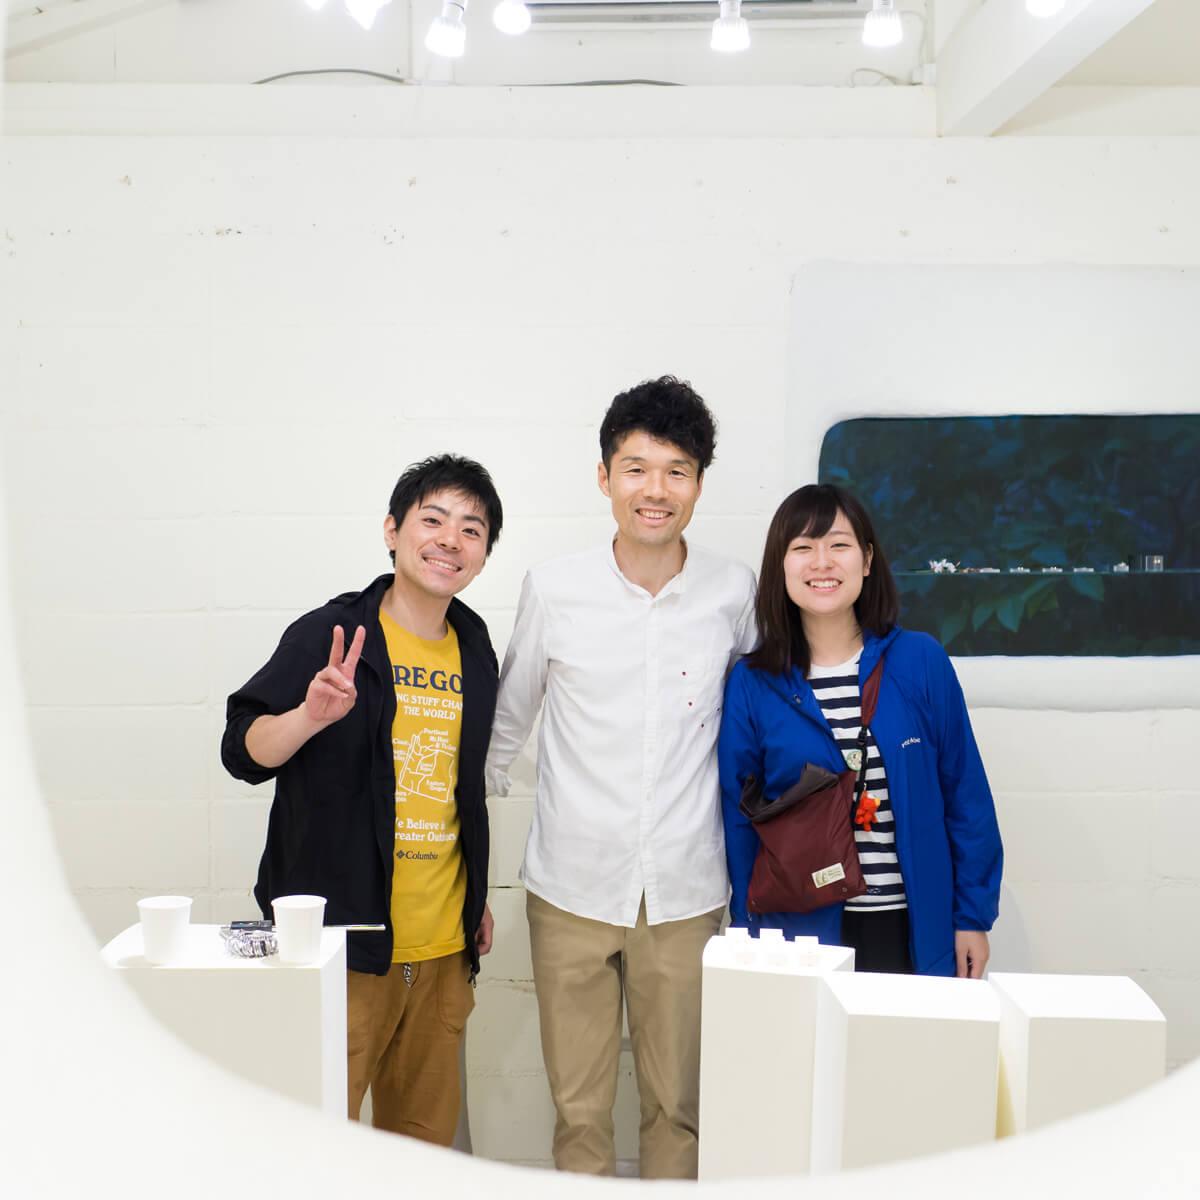 屋久島しずくギャラリーで記念撮影 屋久島でつくる結婚指輪 結婚指輪の相談会